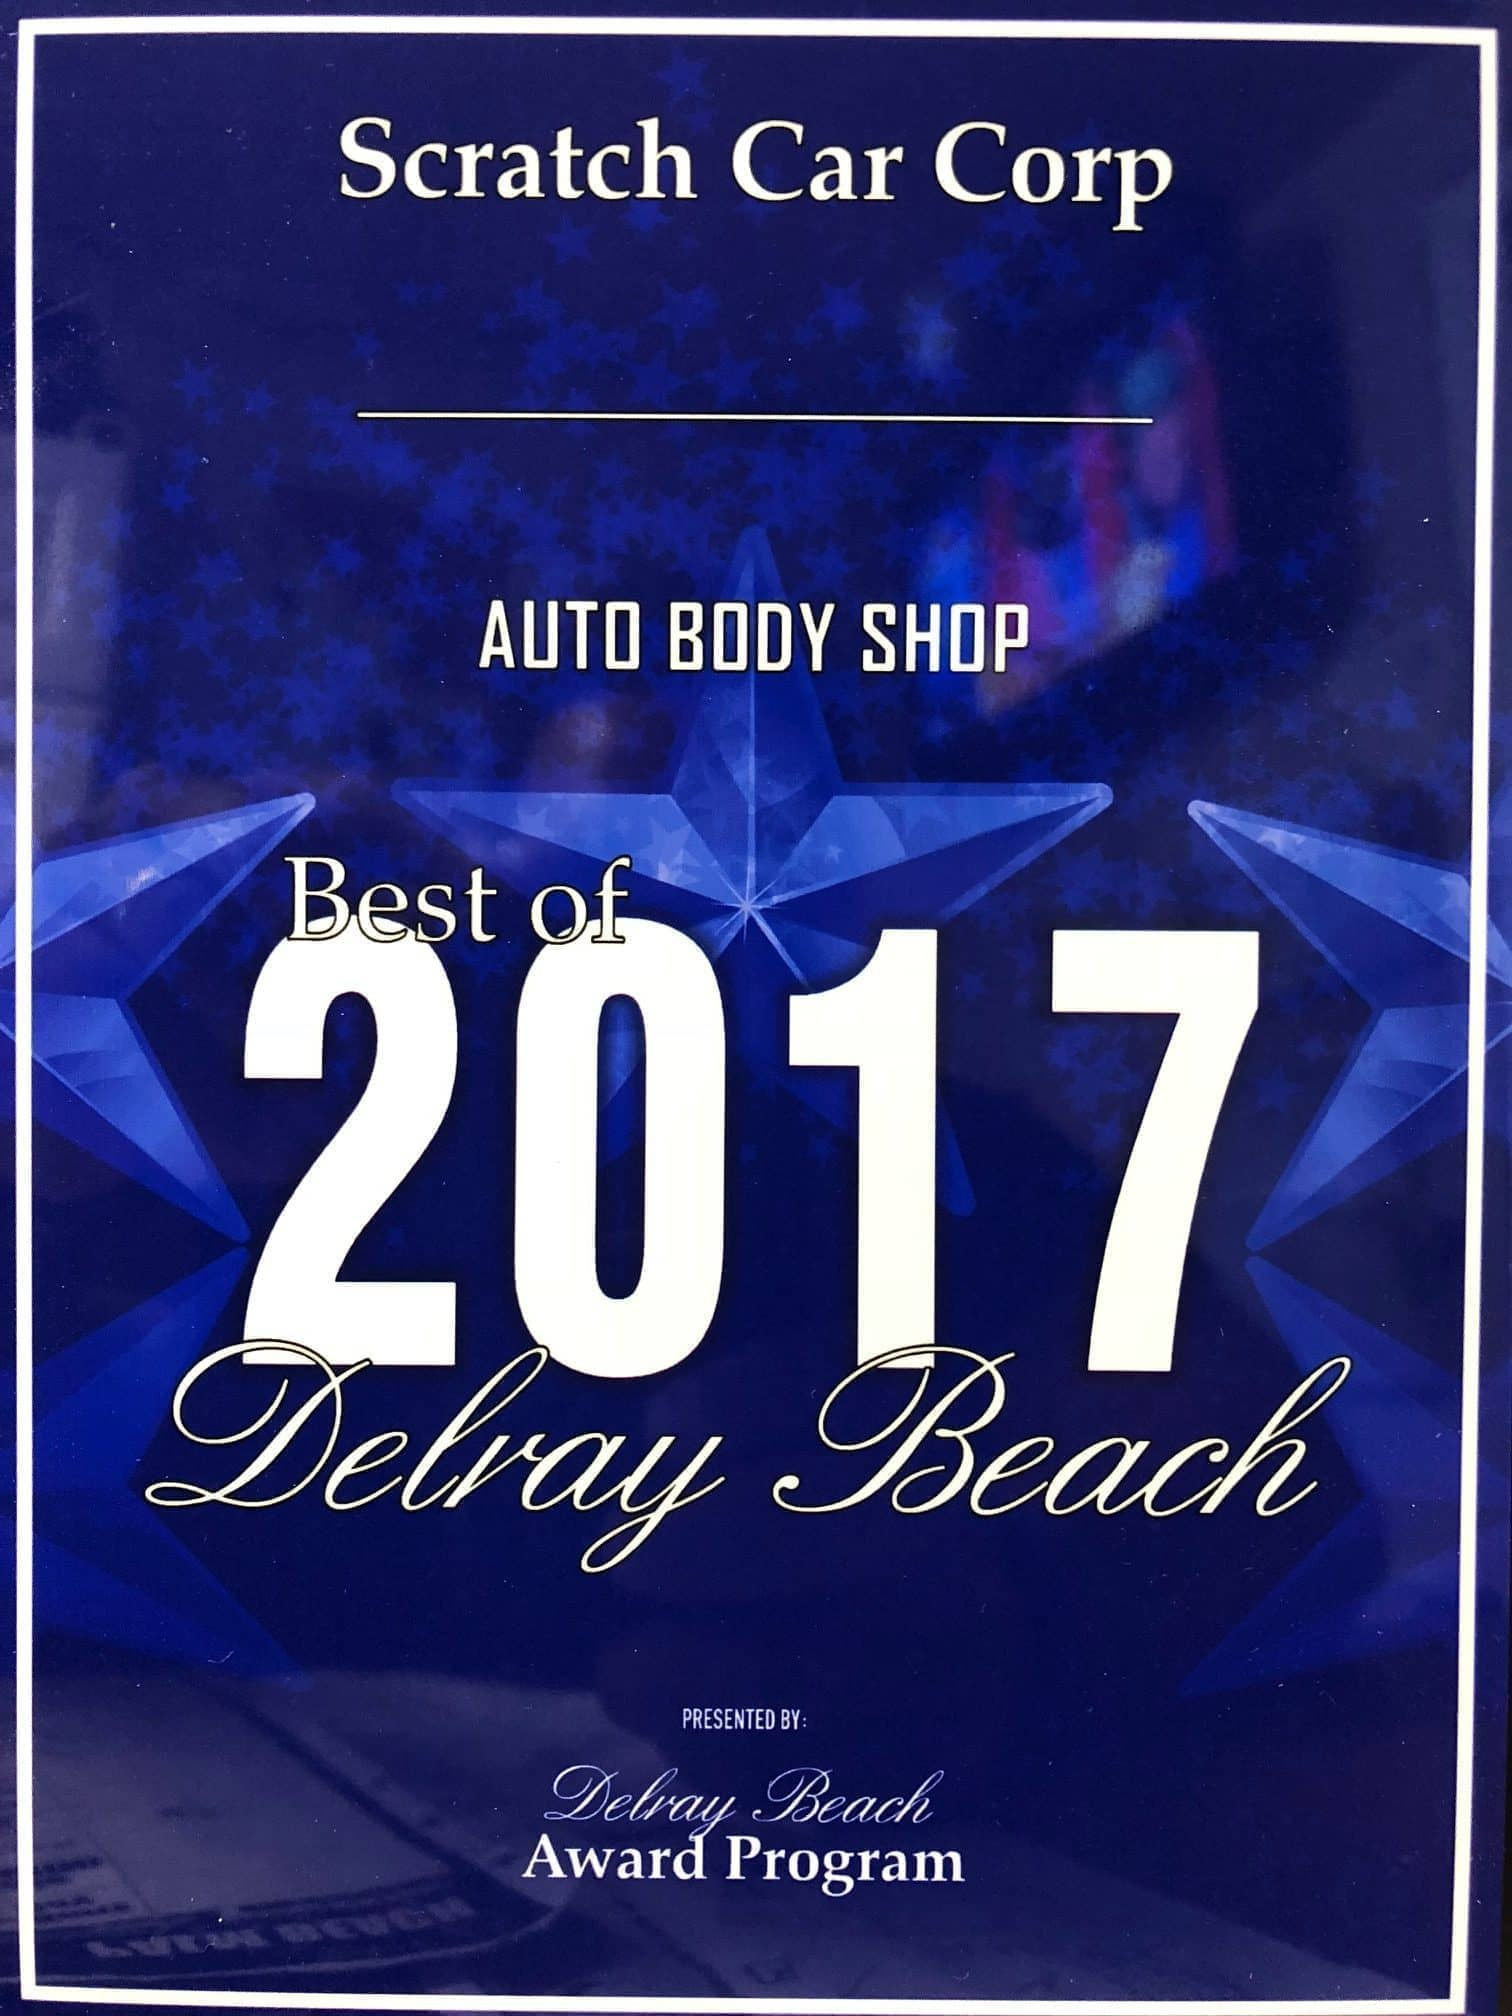 Auto Body Shop Award